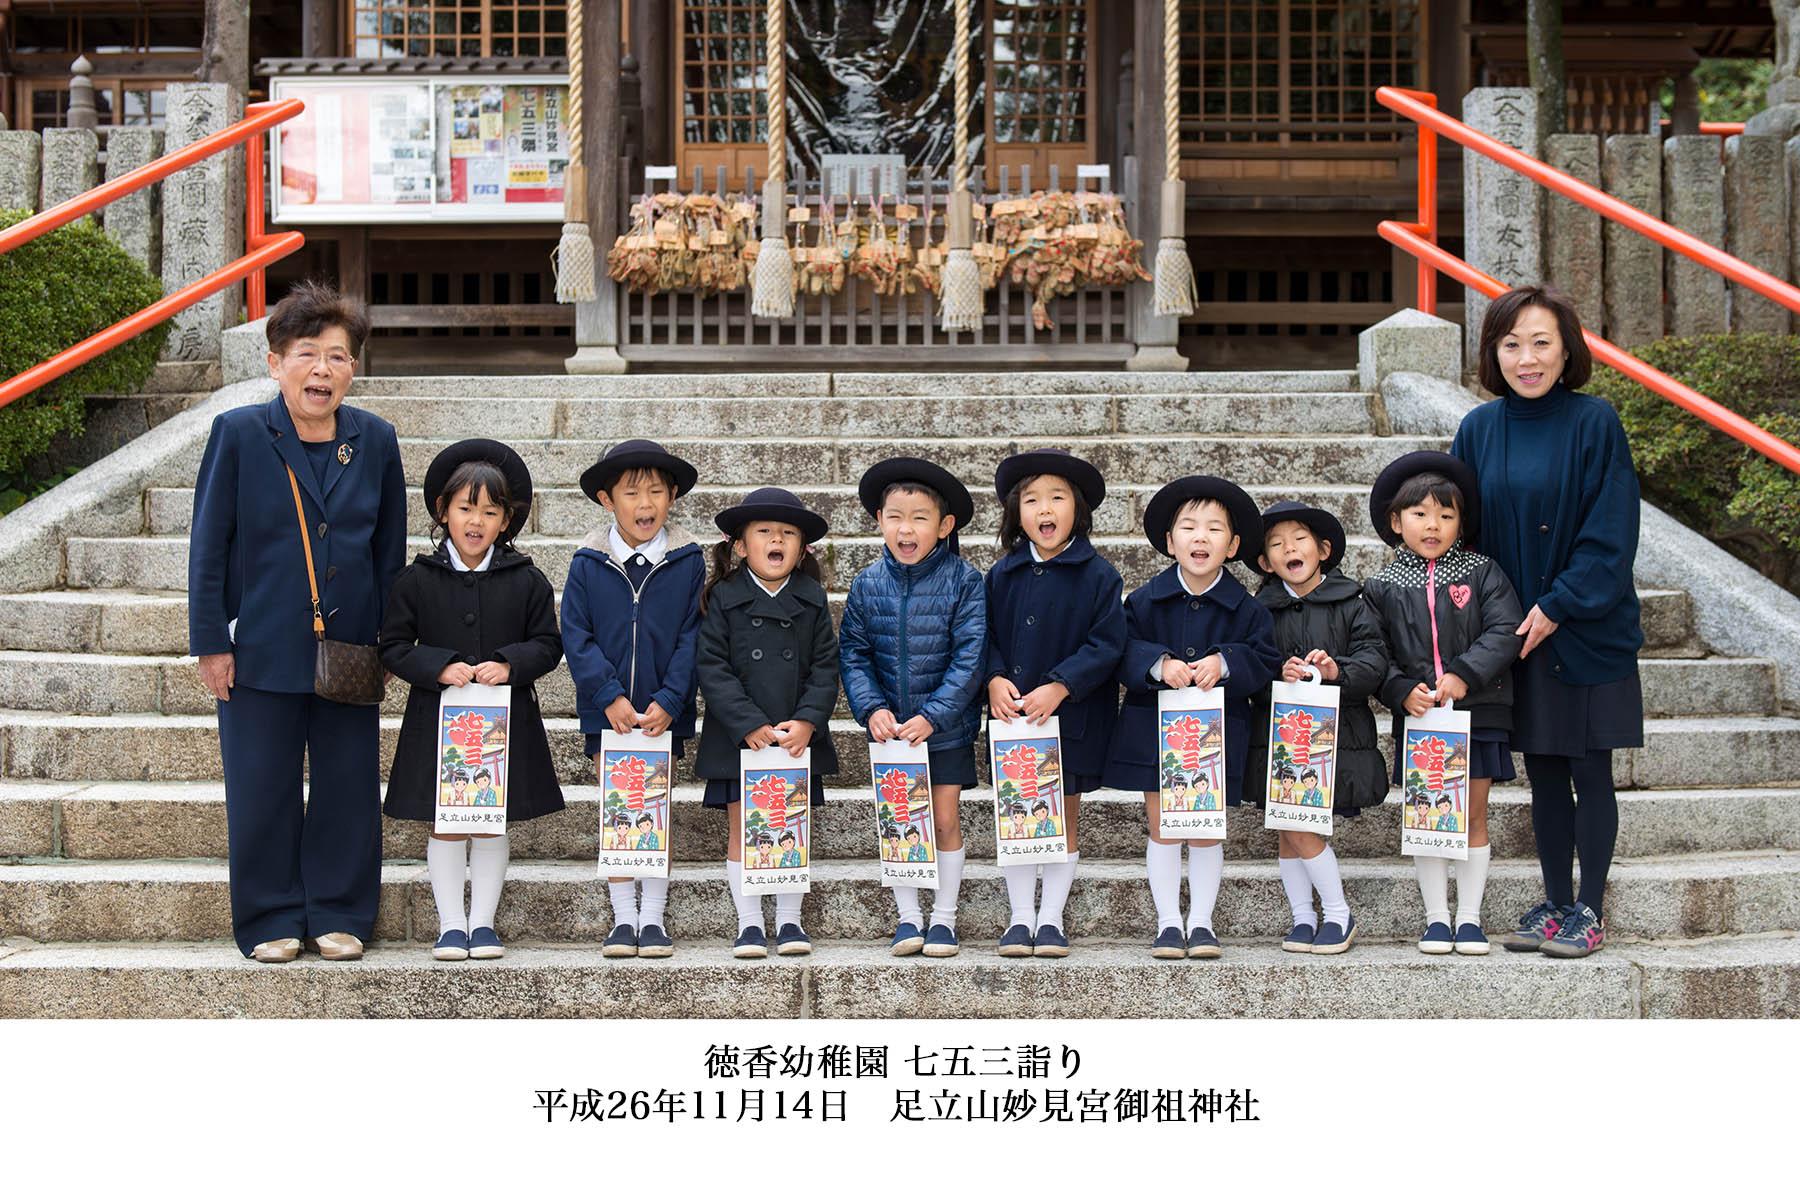 徳香幼稚園の七五三詣り_c0028861_031150.jpg